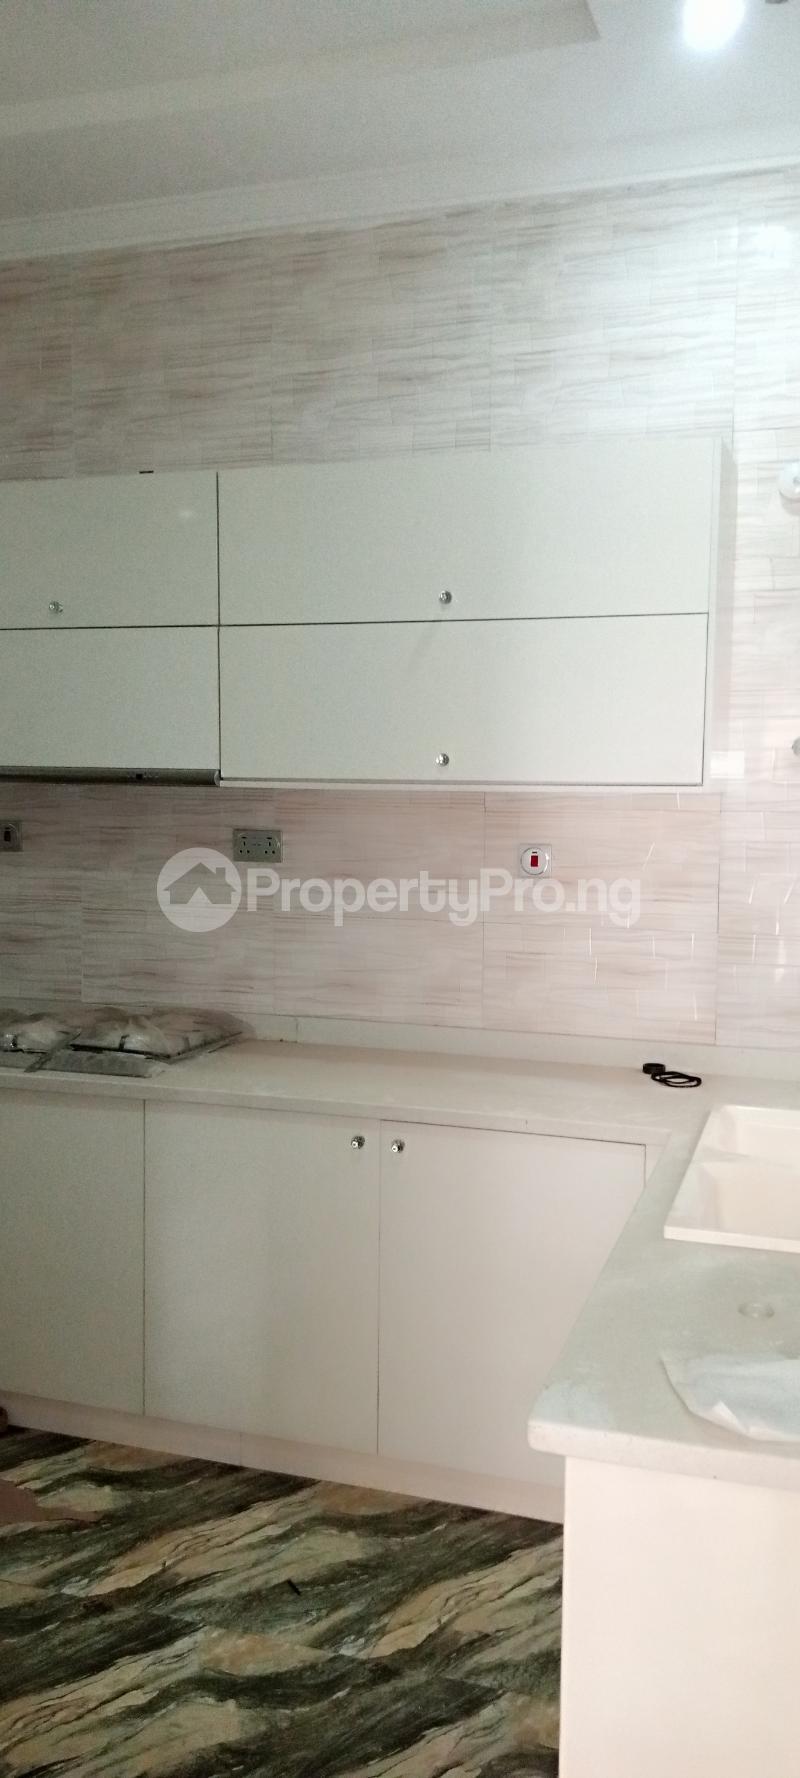 4 bedroom Semi Detached Duplex House for rent Jones Avenue Adeniyi Jones Ikeja Lagos - 1